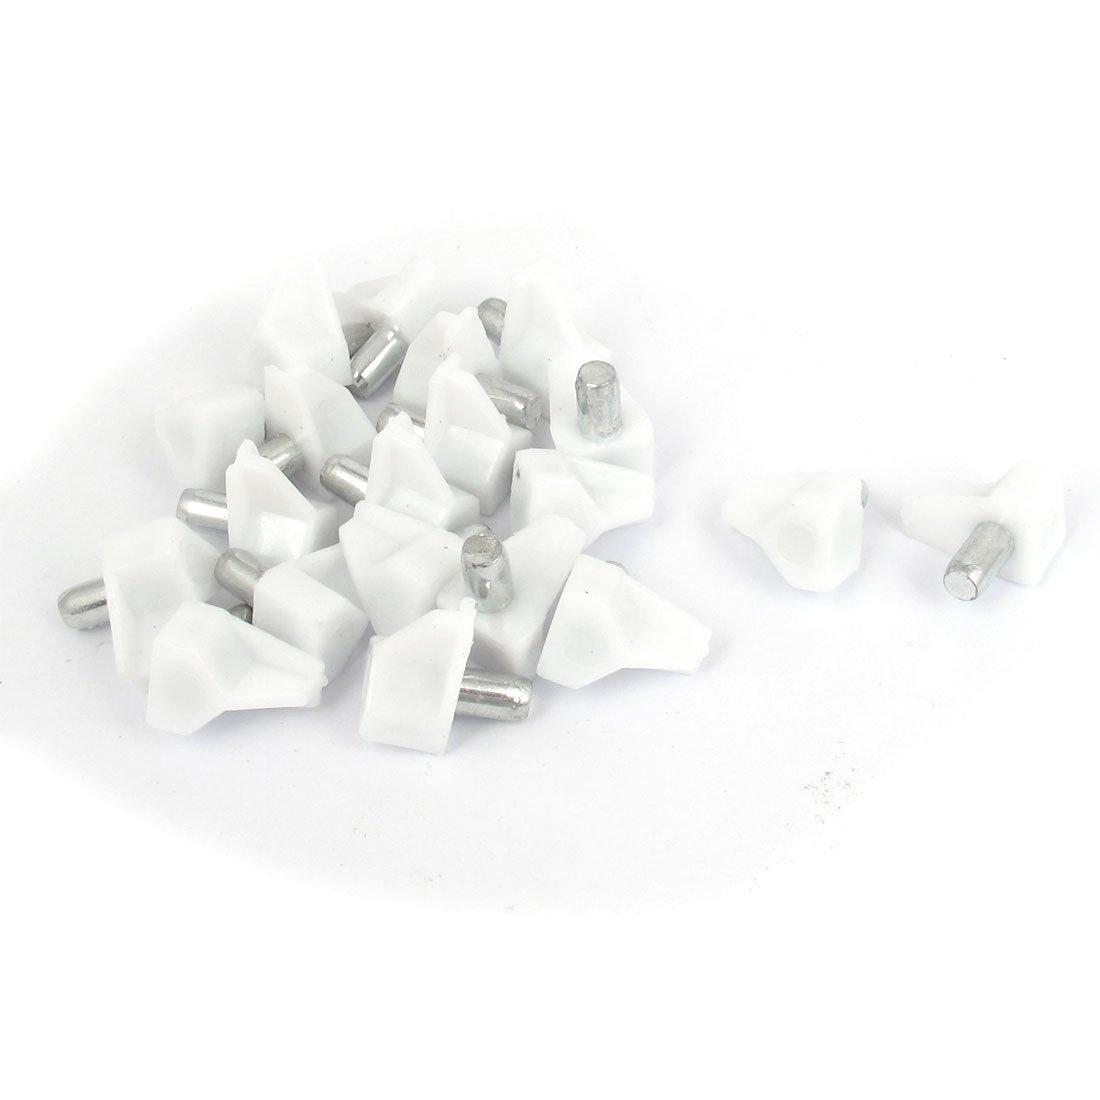 20 Stück Weiß 5mm Durchmesser Plastik Küchenschrank Regale Pin ...